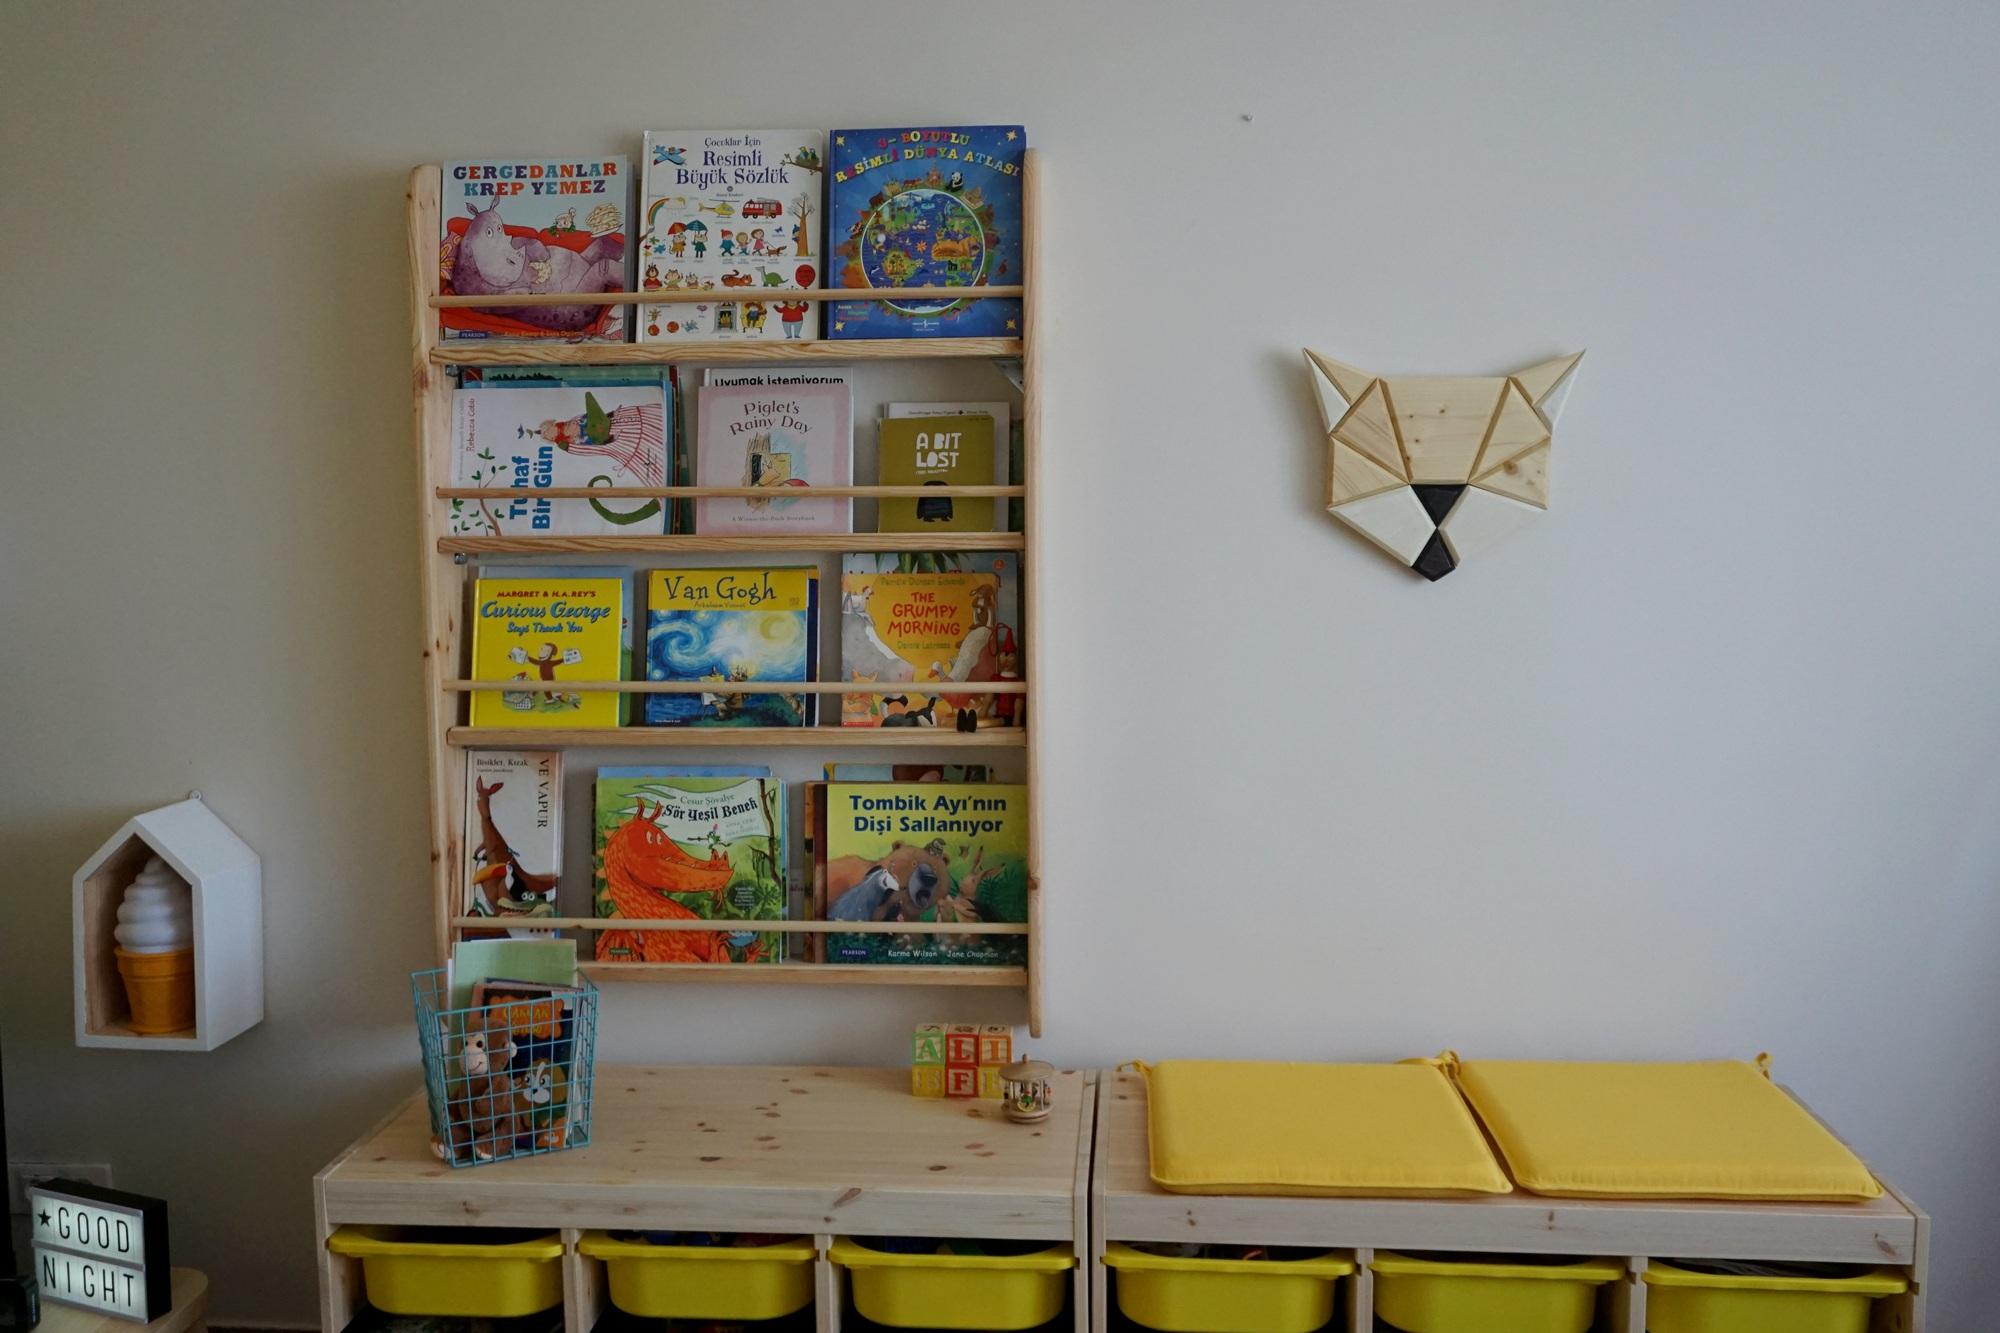 çocuk odası kitaplık tahtamanya